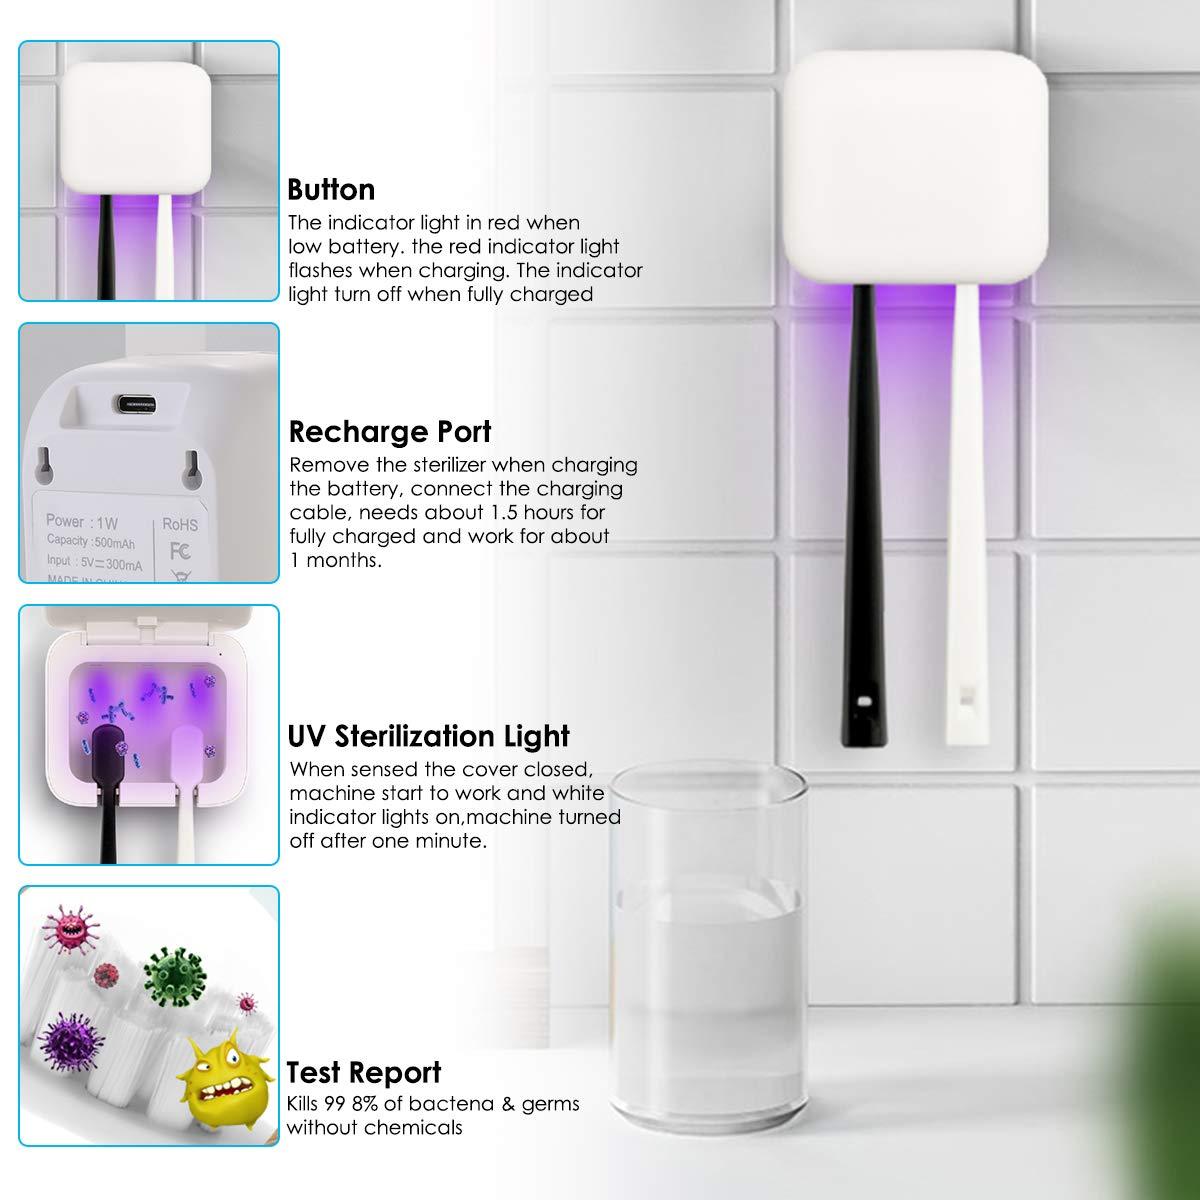 Non brand Sterilizzatore per Spazzolino UV Supporto per La Disinfezione dello Spazzolino da Parete Box Scatola per La Pulizia dello Spazzolino da Denti a Raggi Ultravioletti